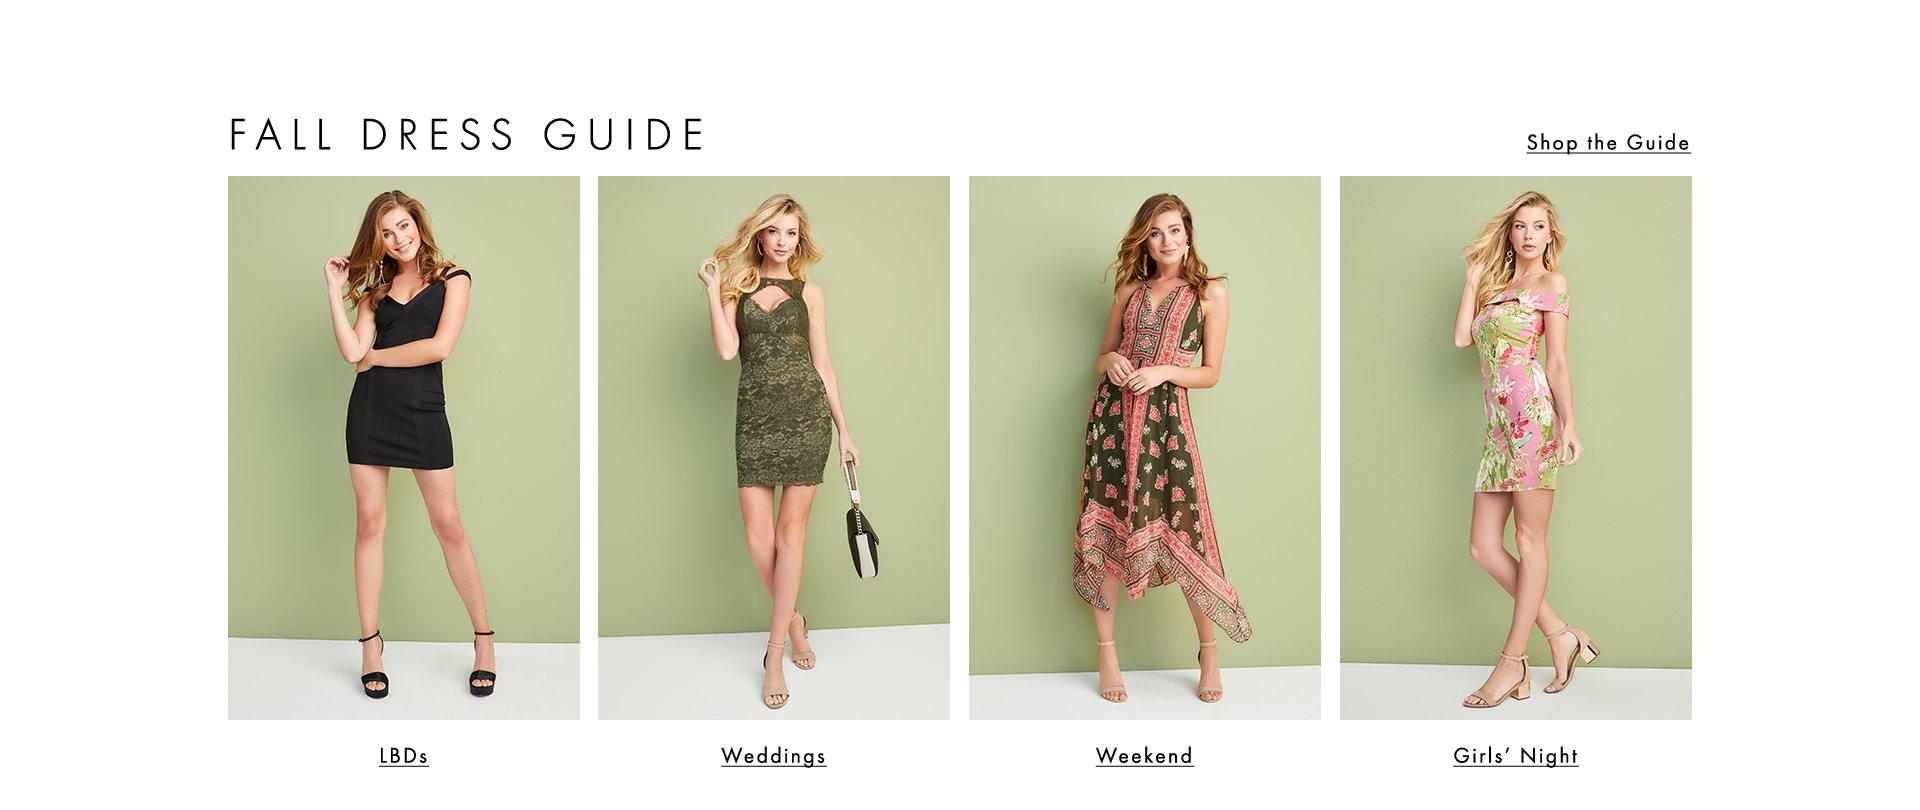 Shop Fall Dress Guide